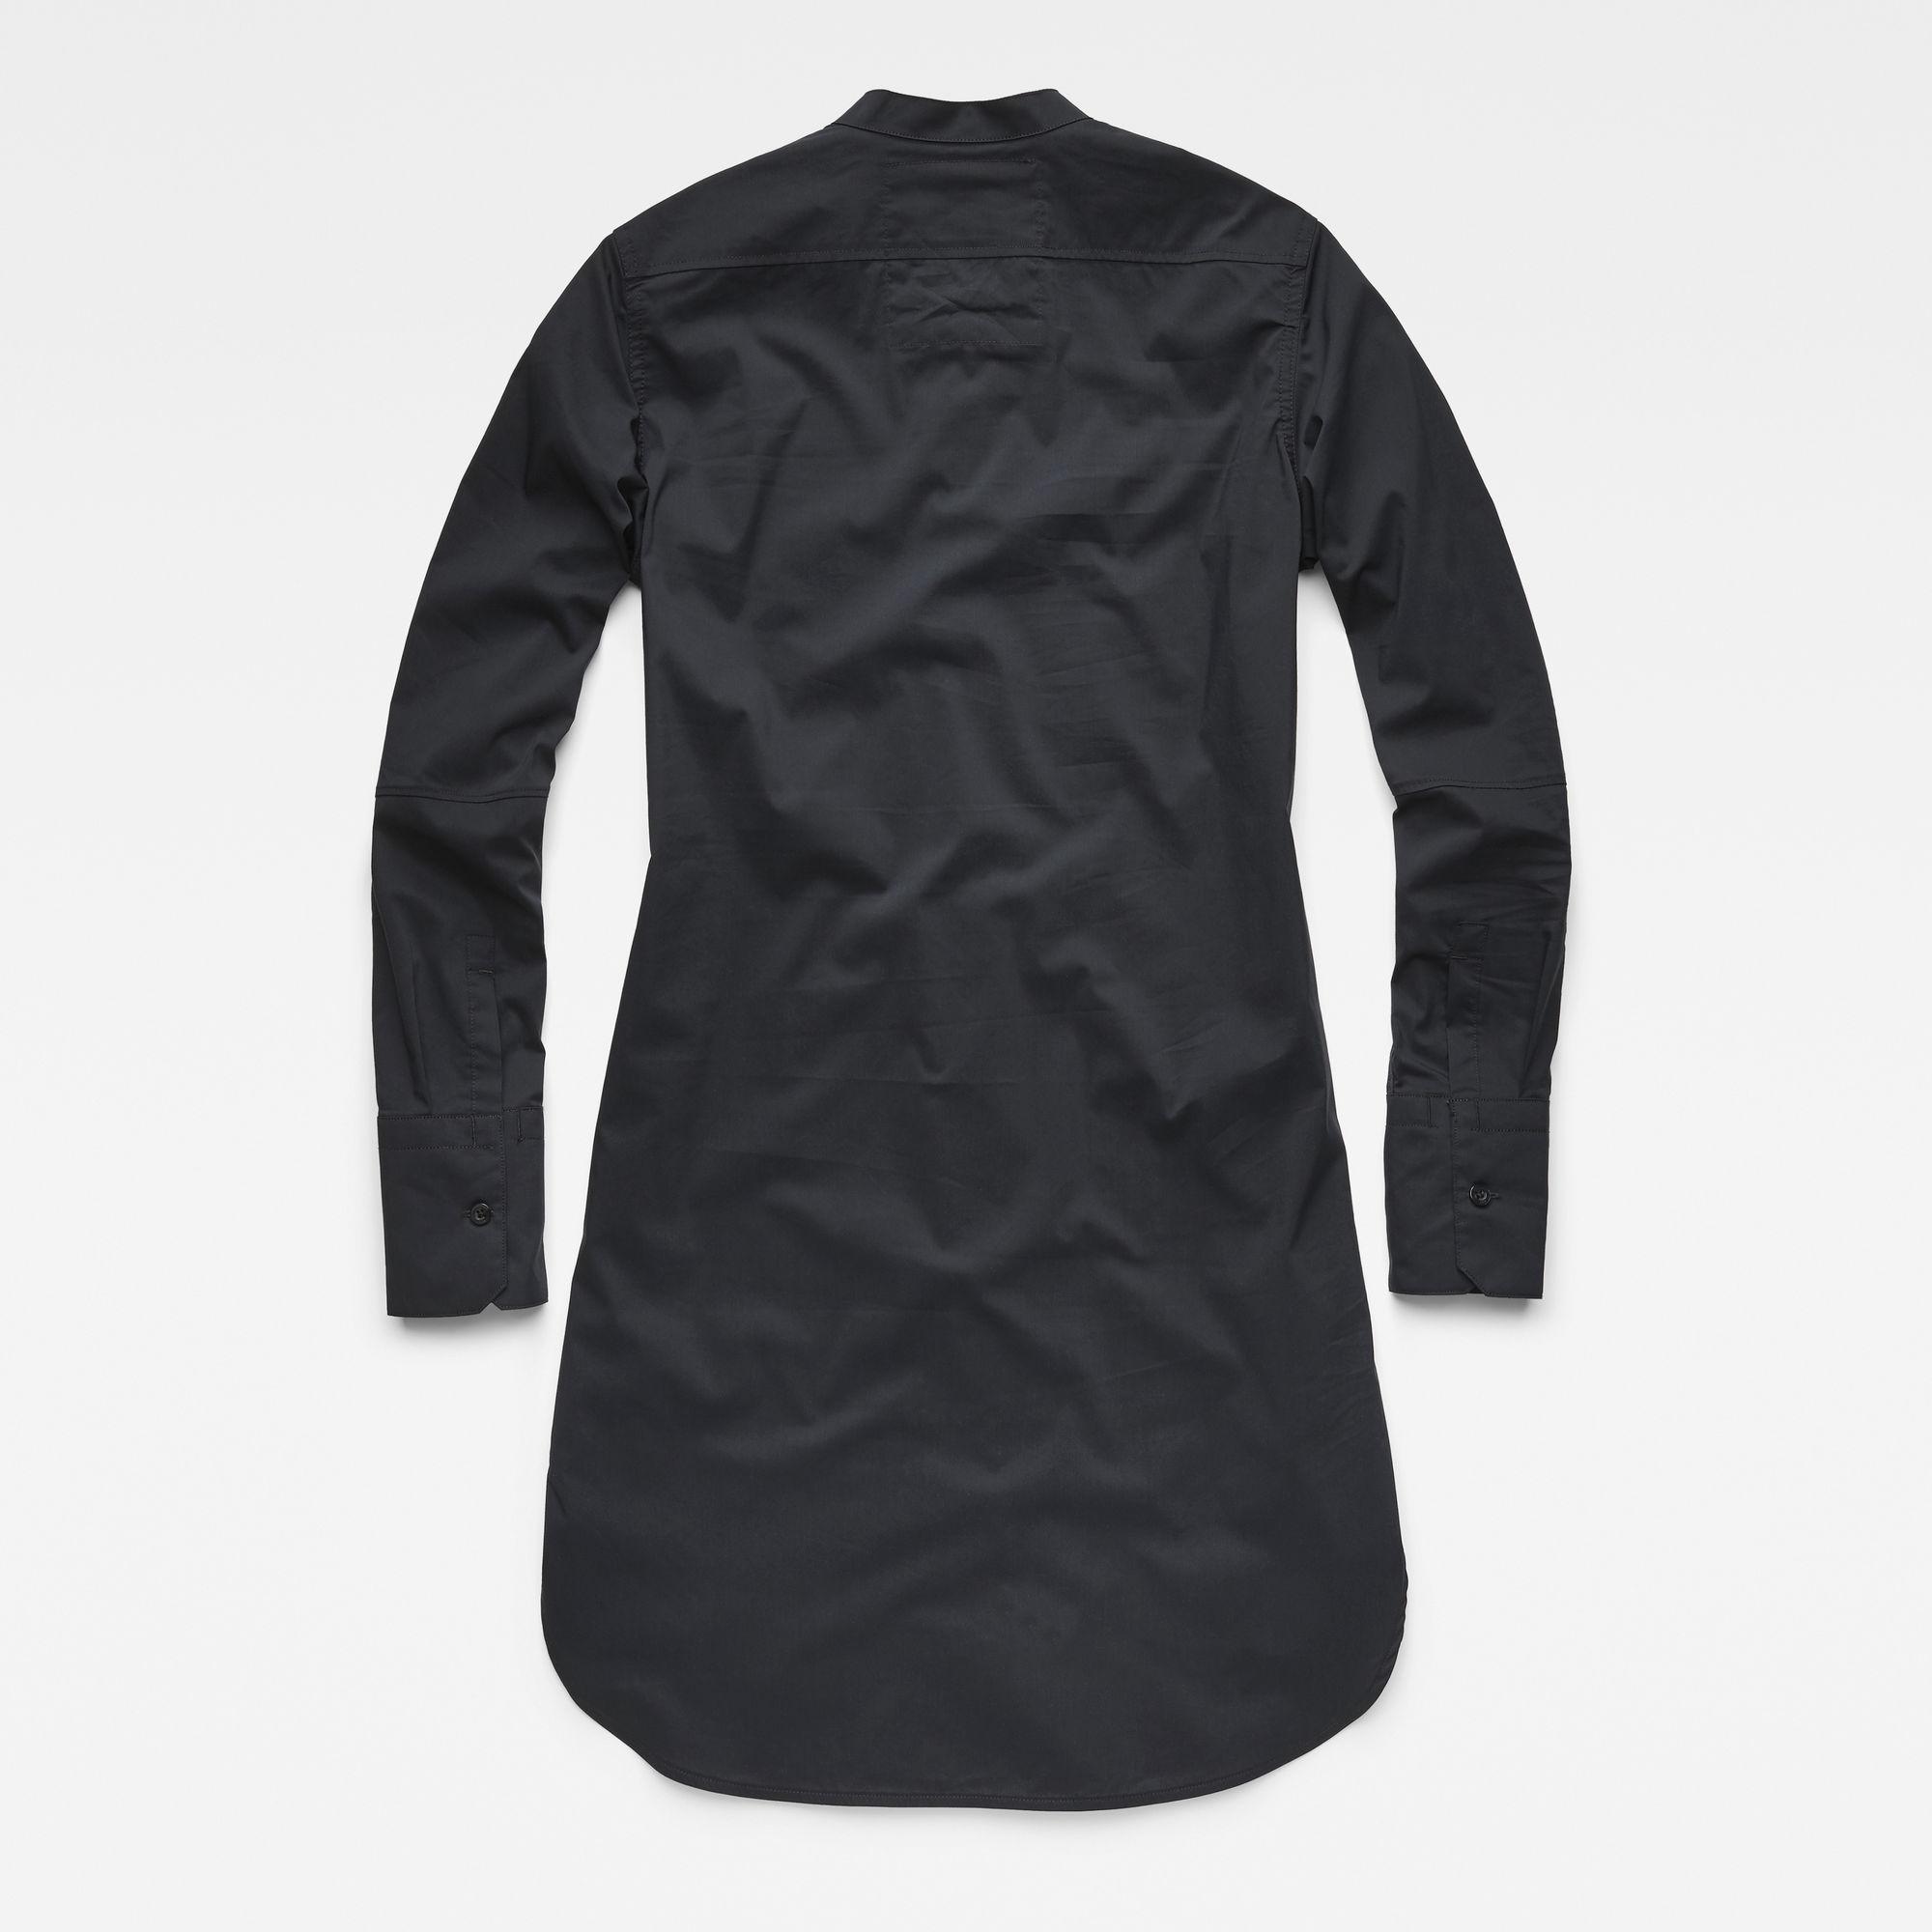 Core 3D Elongated Boyfriend Shirt